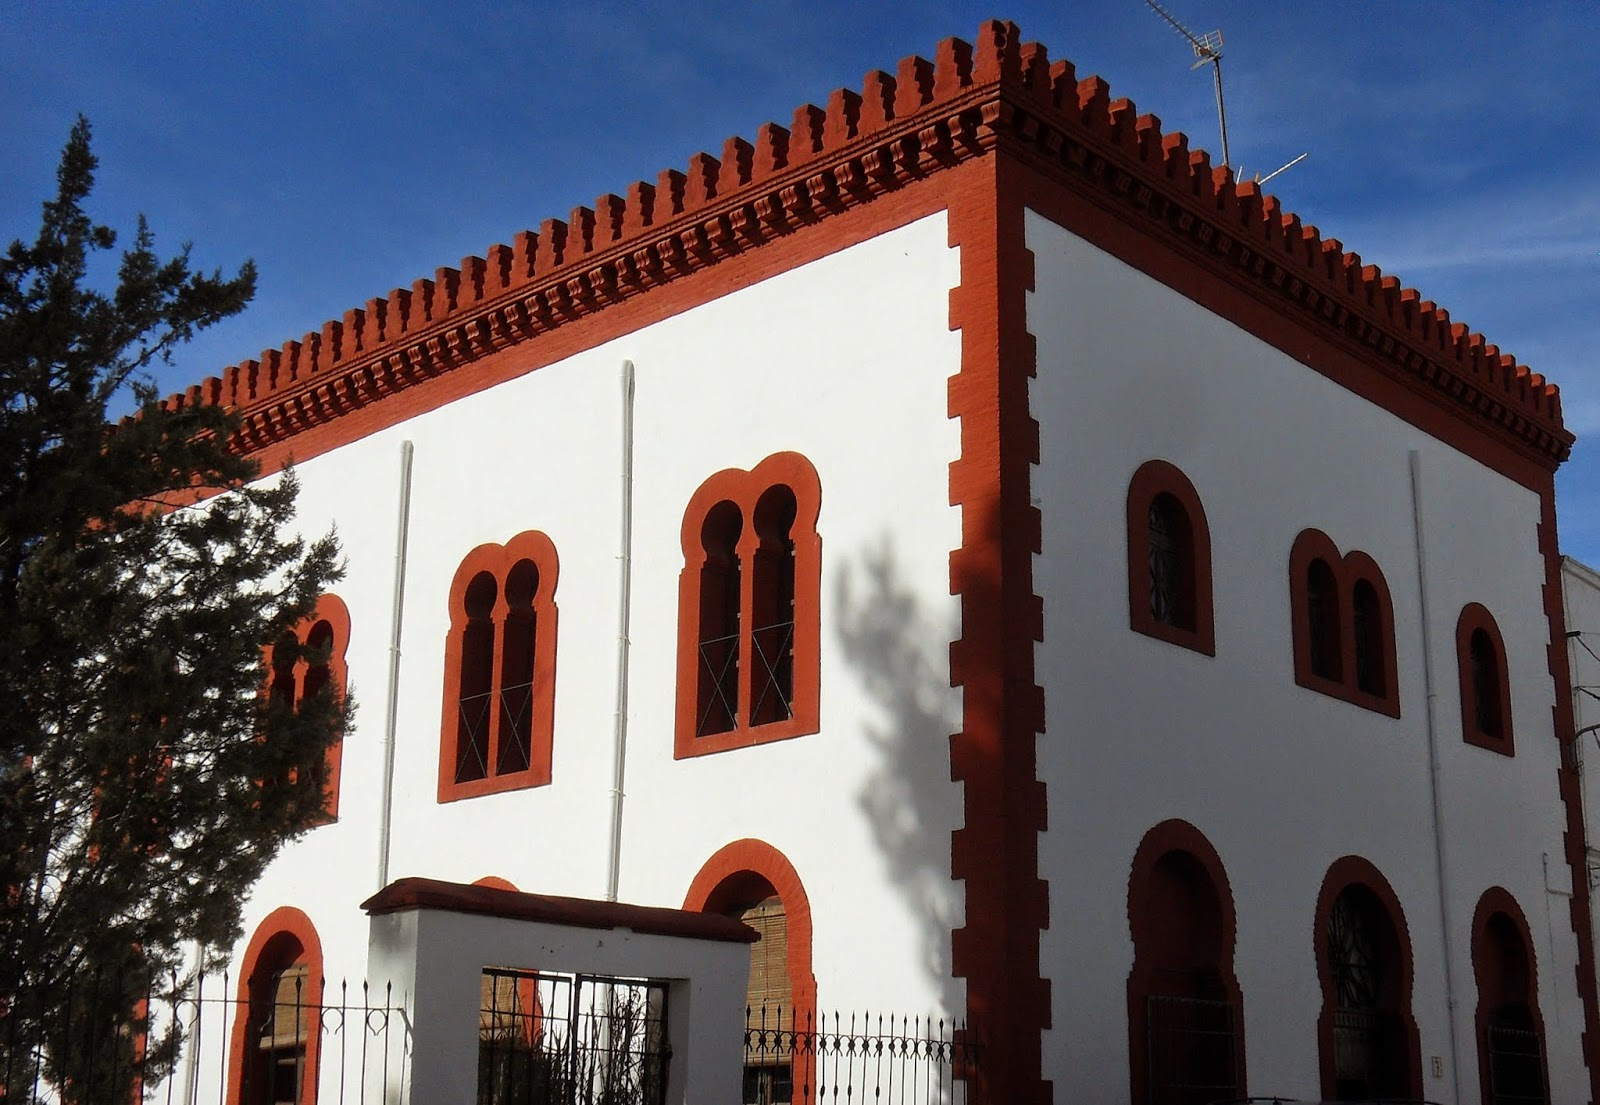 Maravillas de almer a alhabia el jard n donde confluyen for Casa ciudad jardin almeria